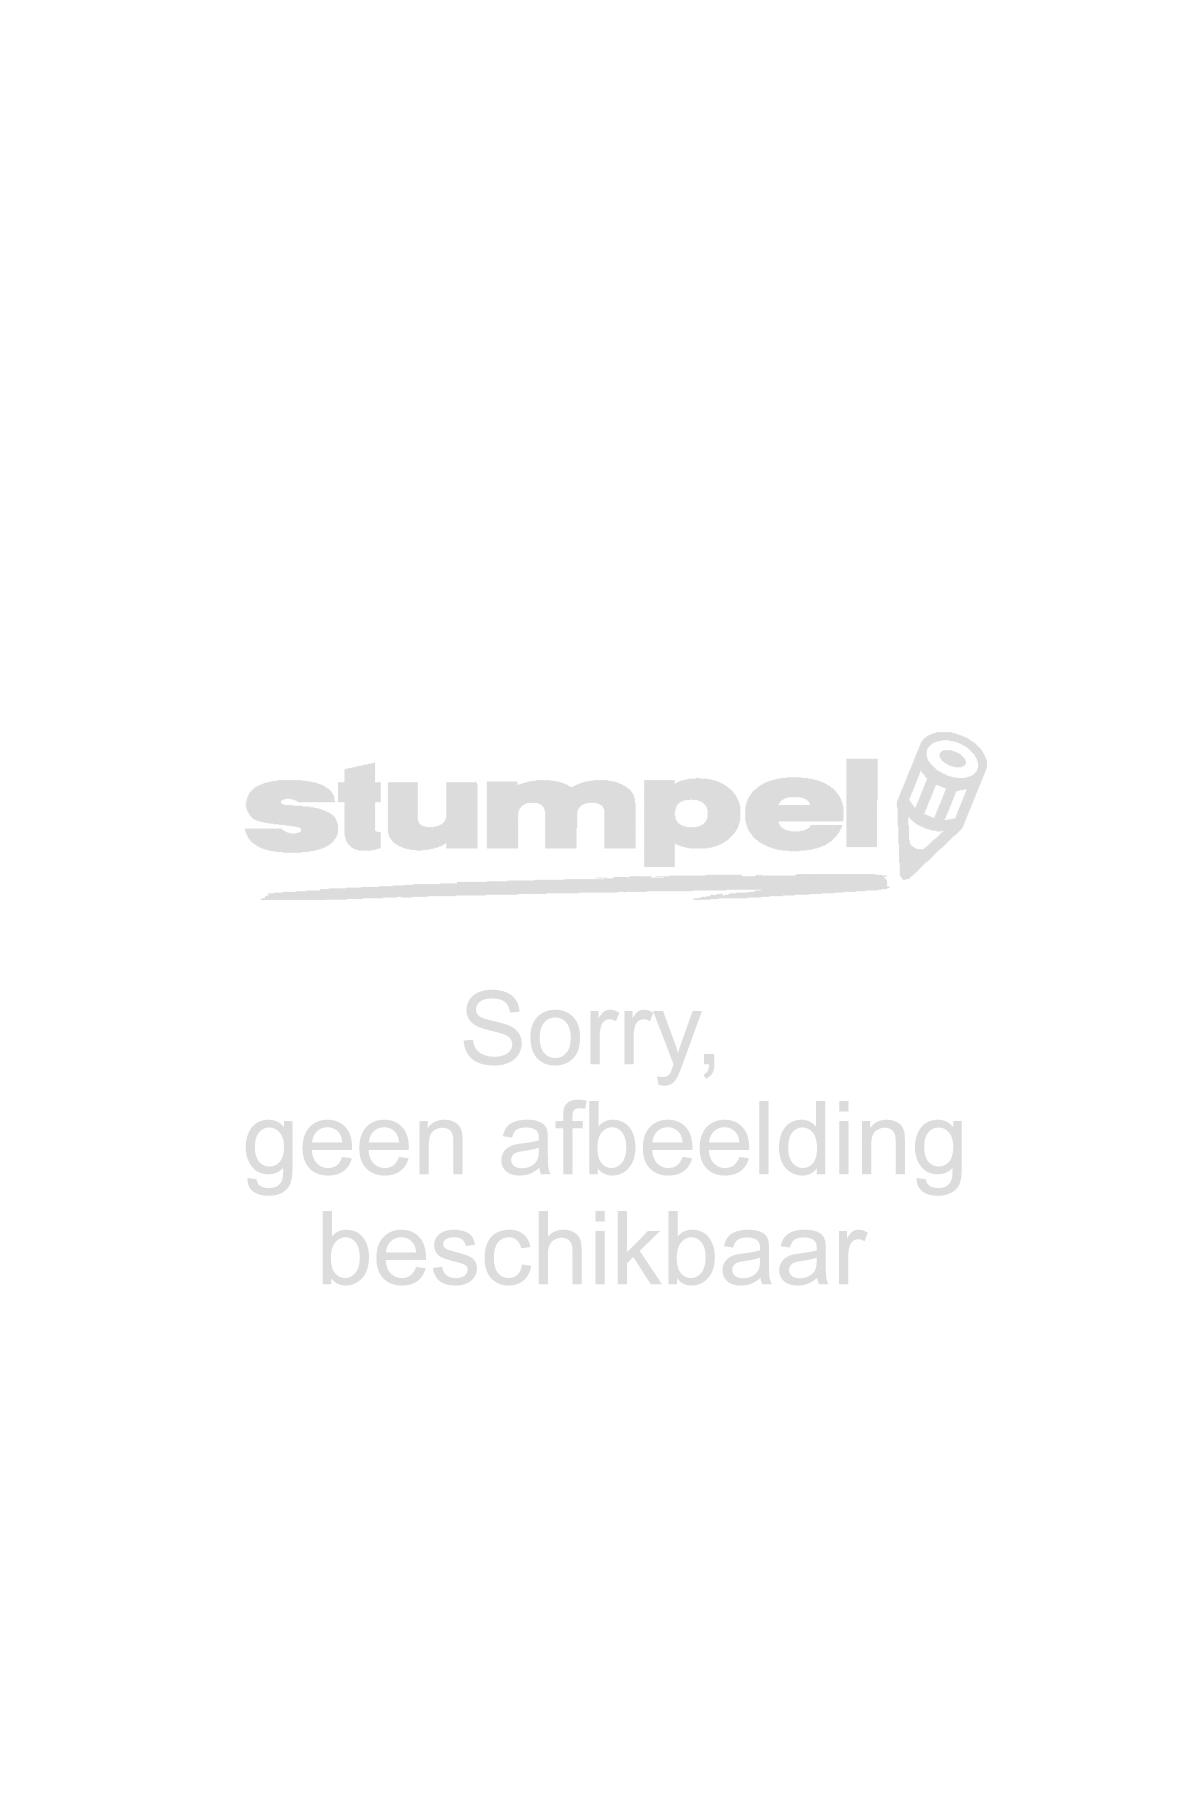 bookaroo-brillenhoes-met-elastiek-turqoise-10968862